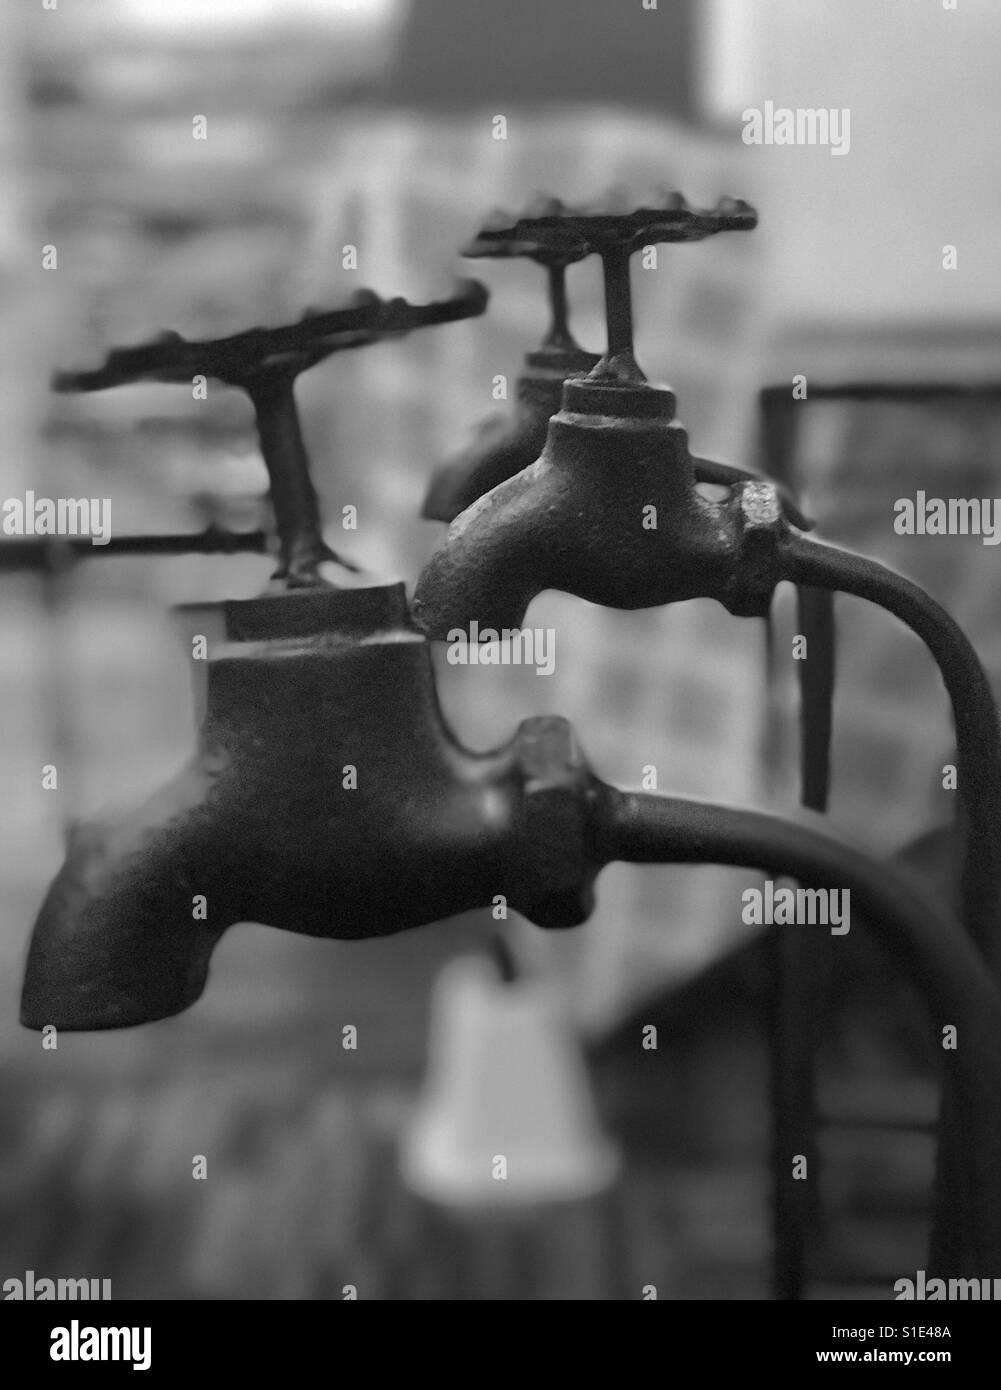 Vintage metallic water taps.. - Stock Image